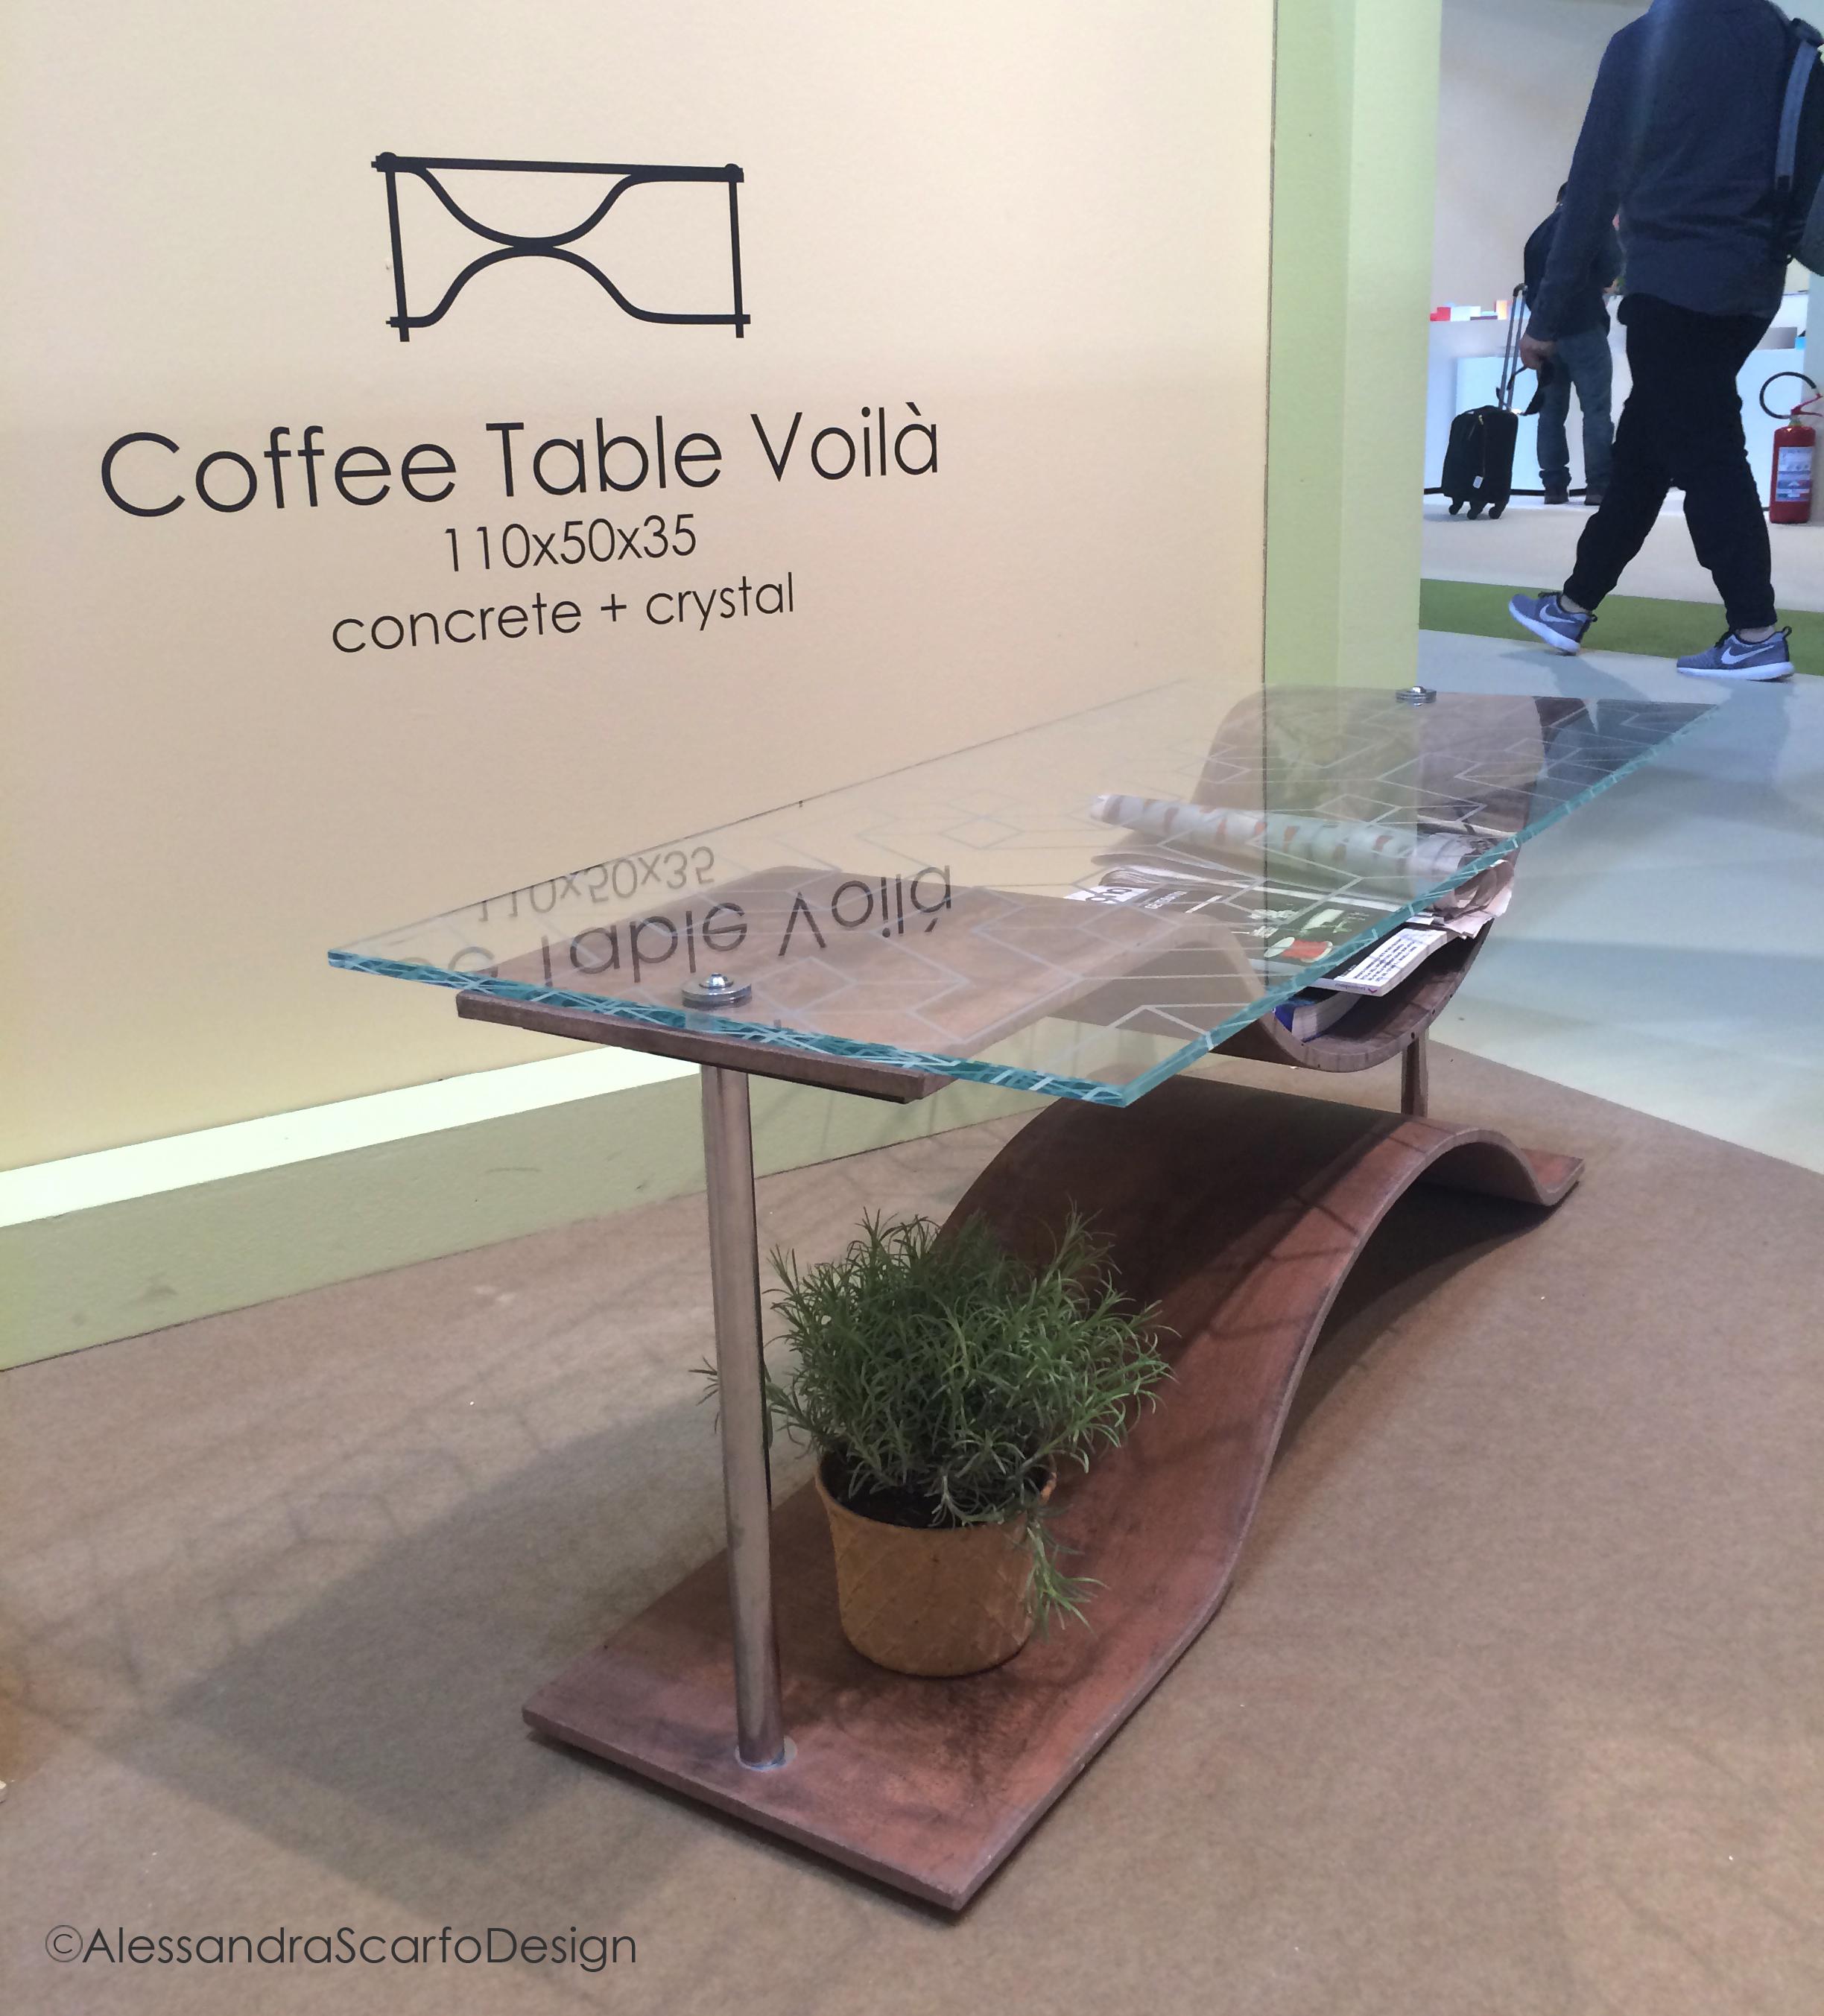 Voilà tavolino da caffè